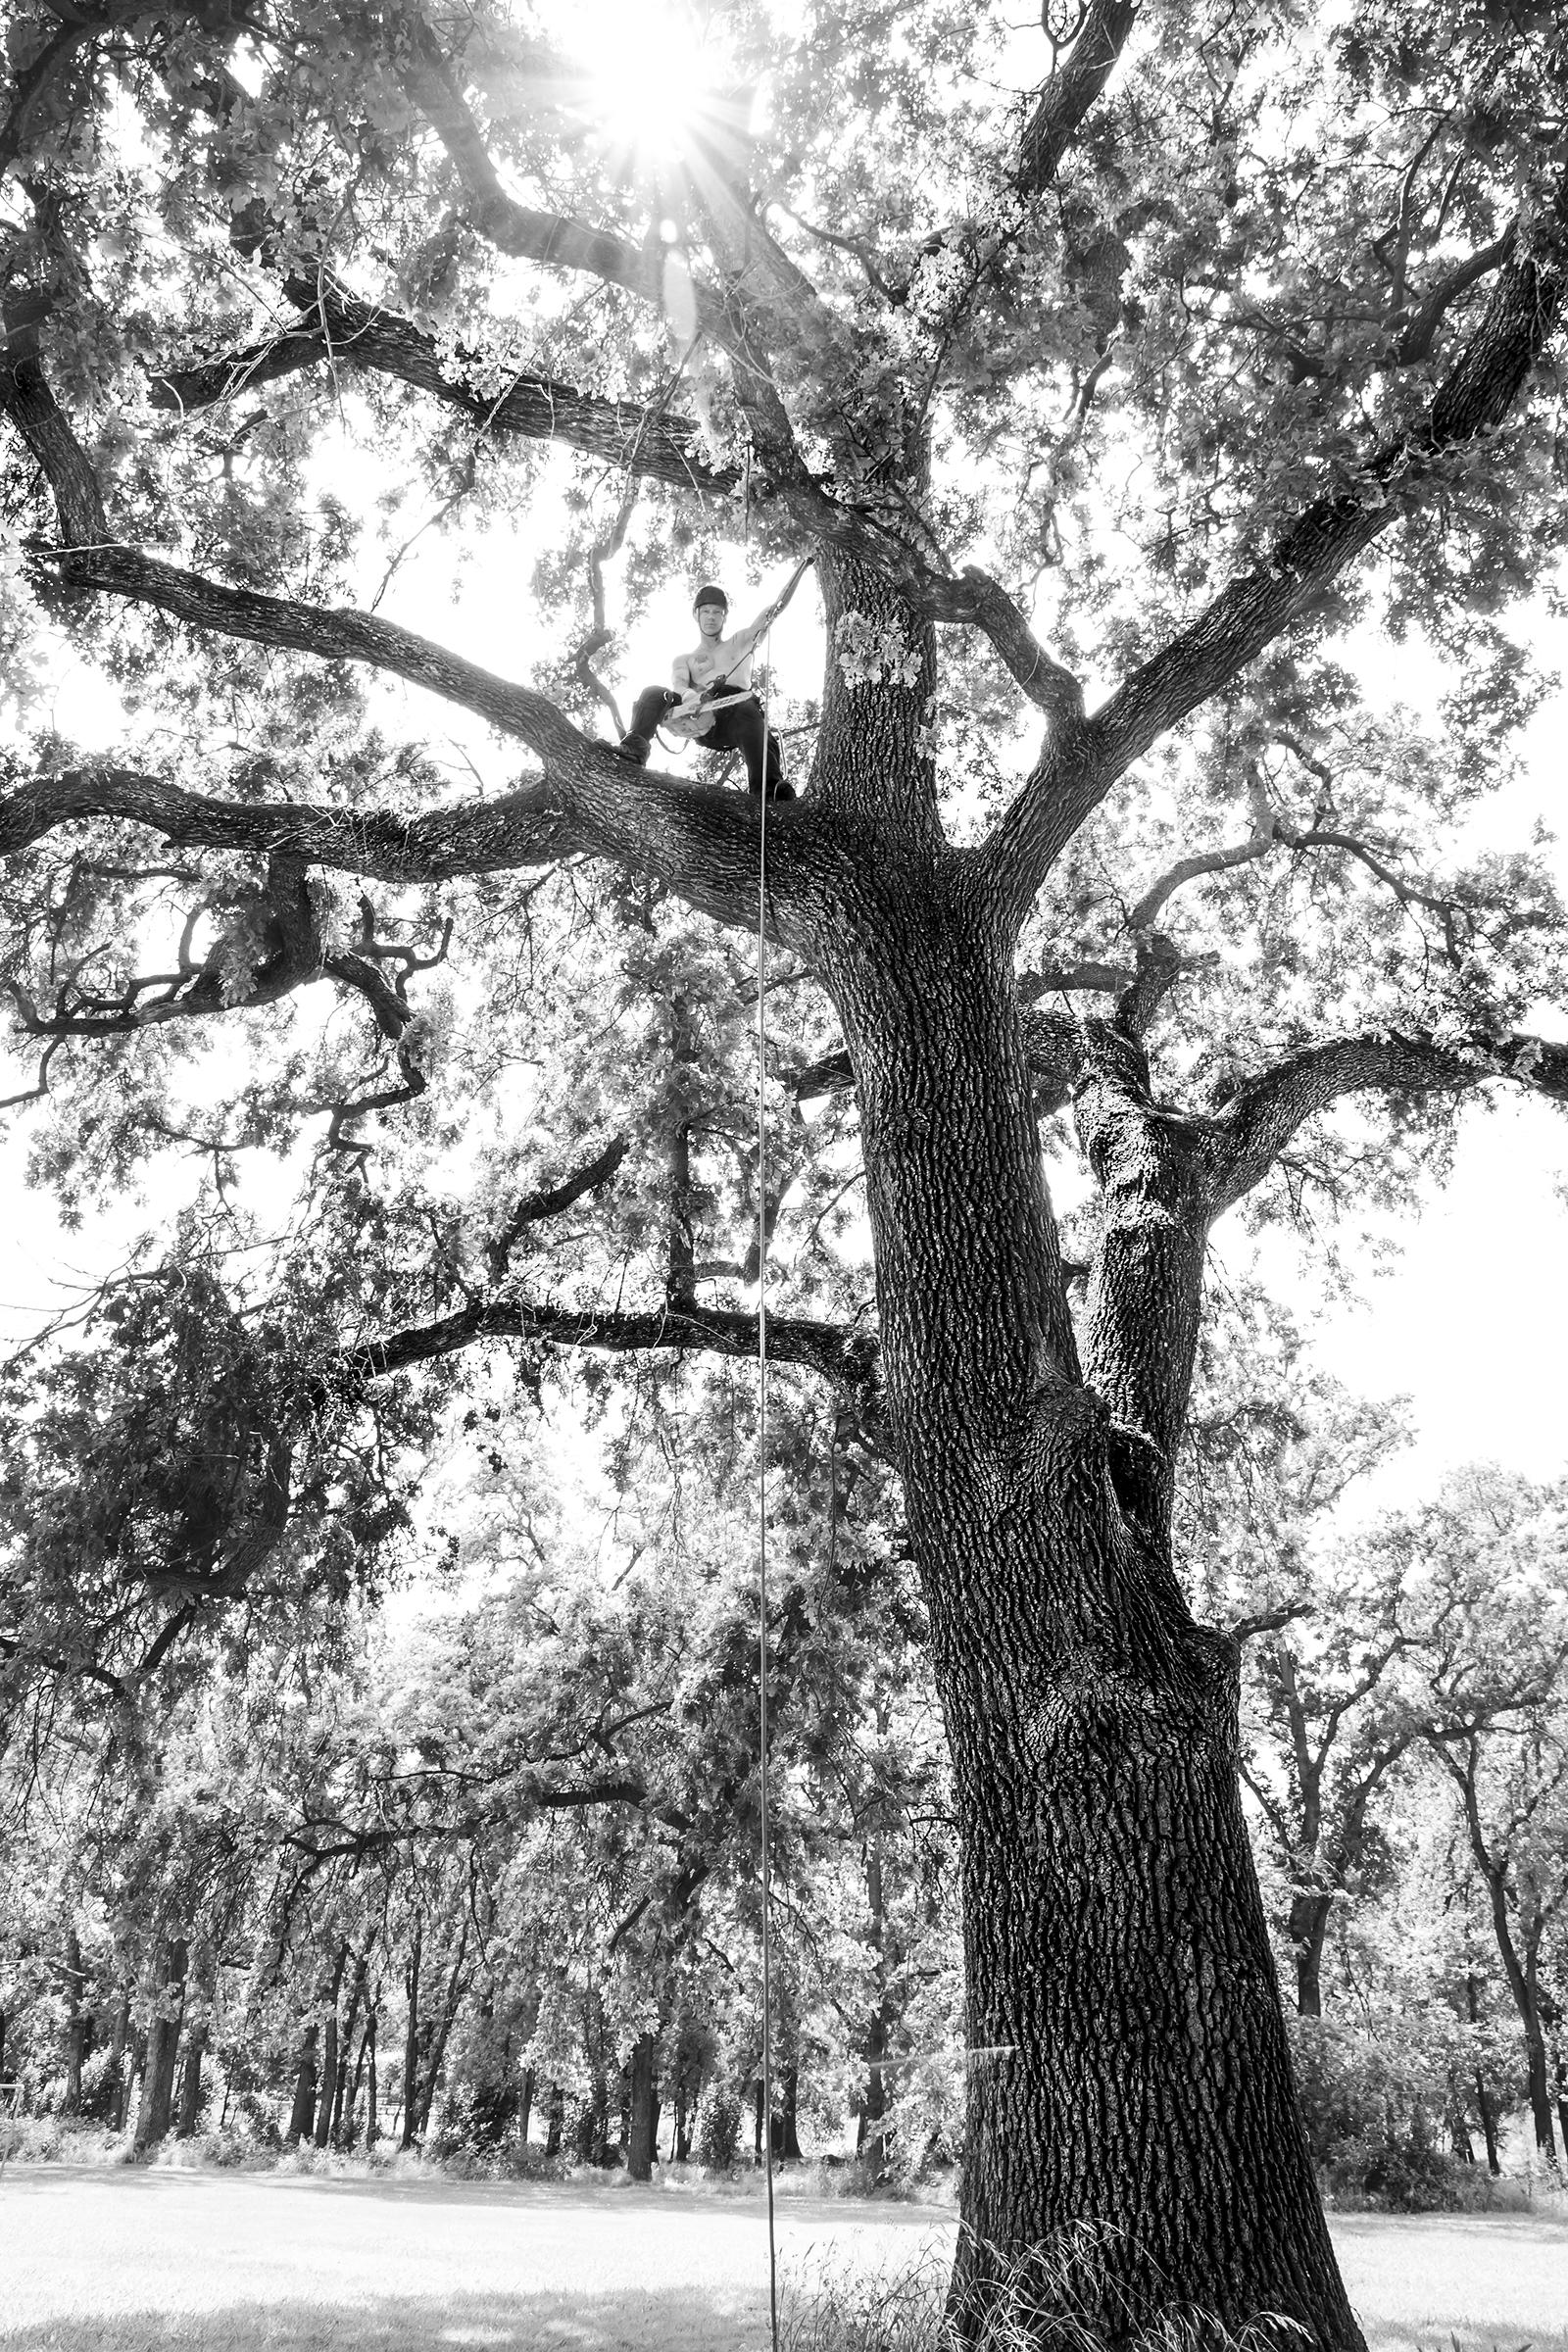 TROY up in TREE_M sized.jpg